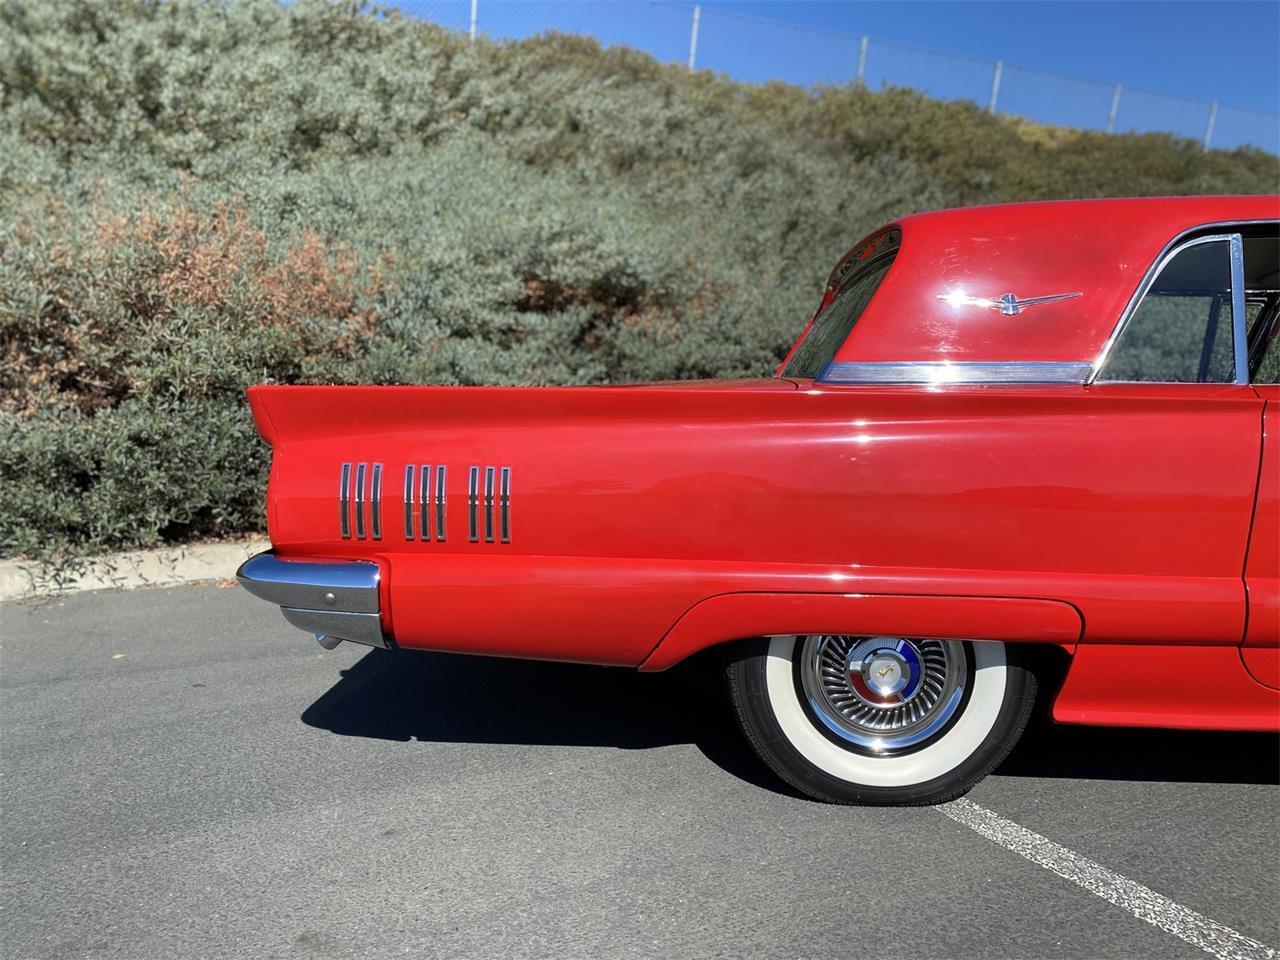 1960 Ford Thunderbird (CC-1415770) for sale in Fairfield, California